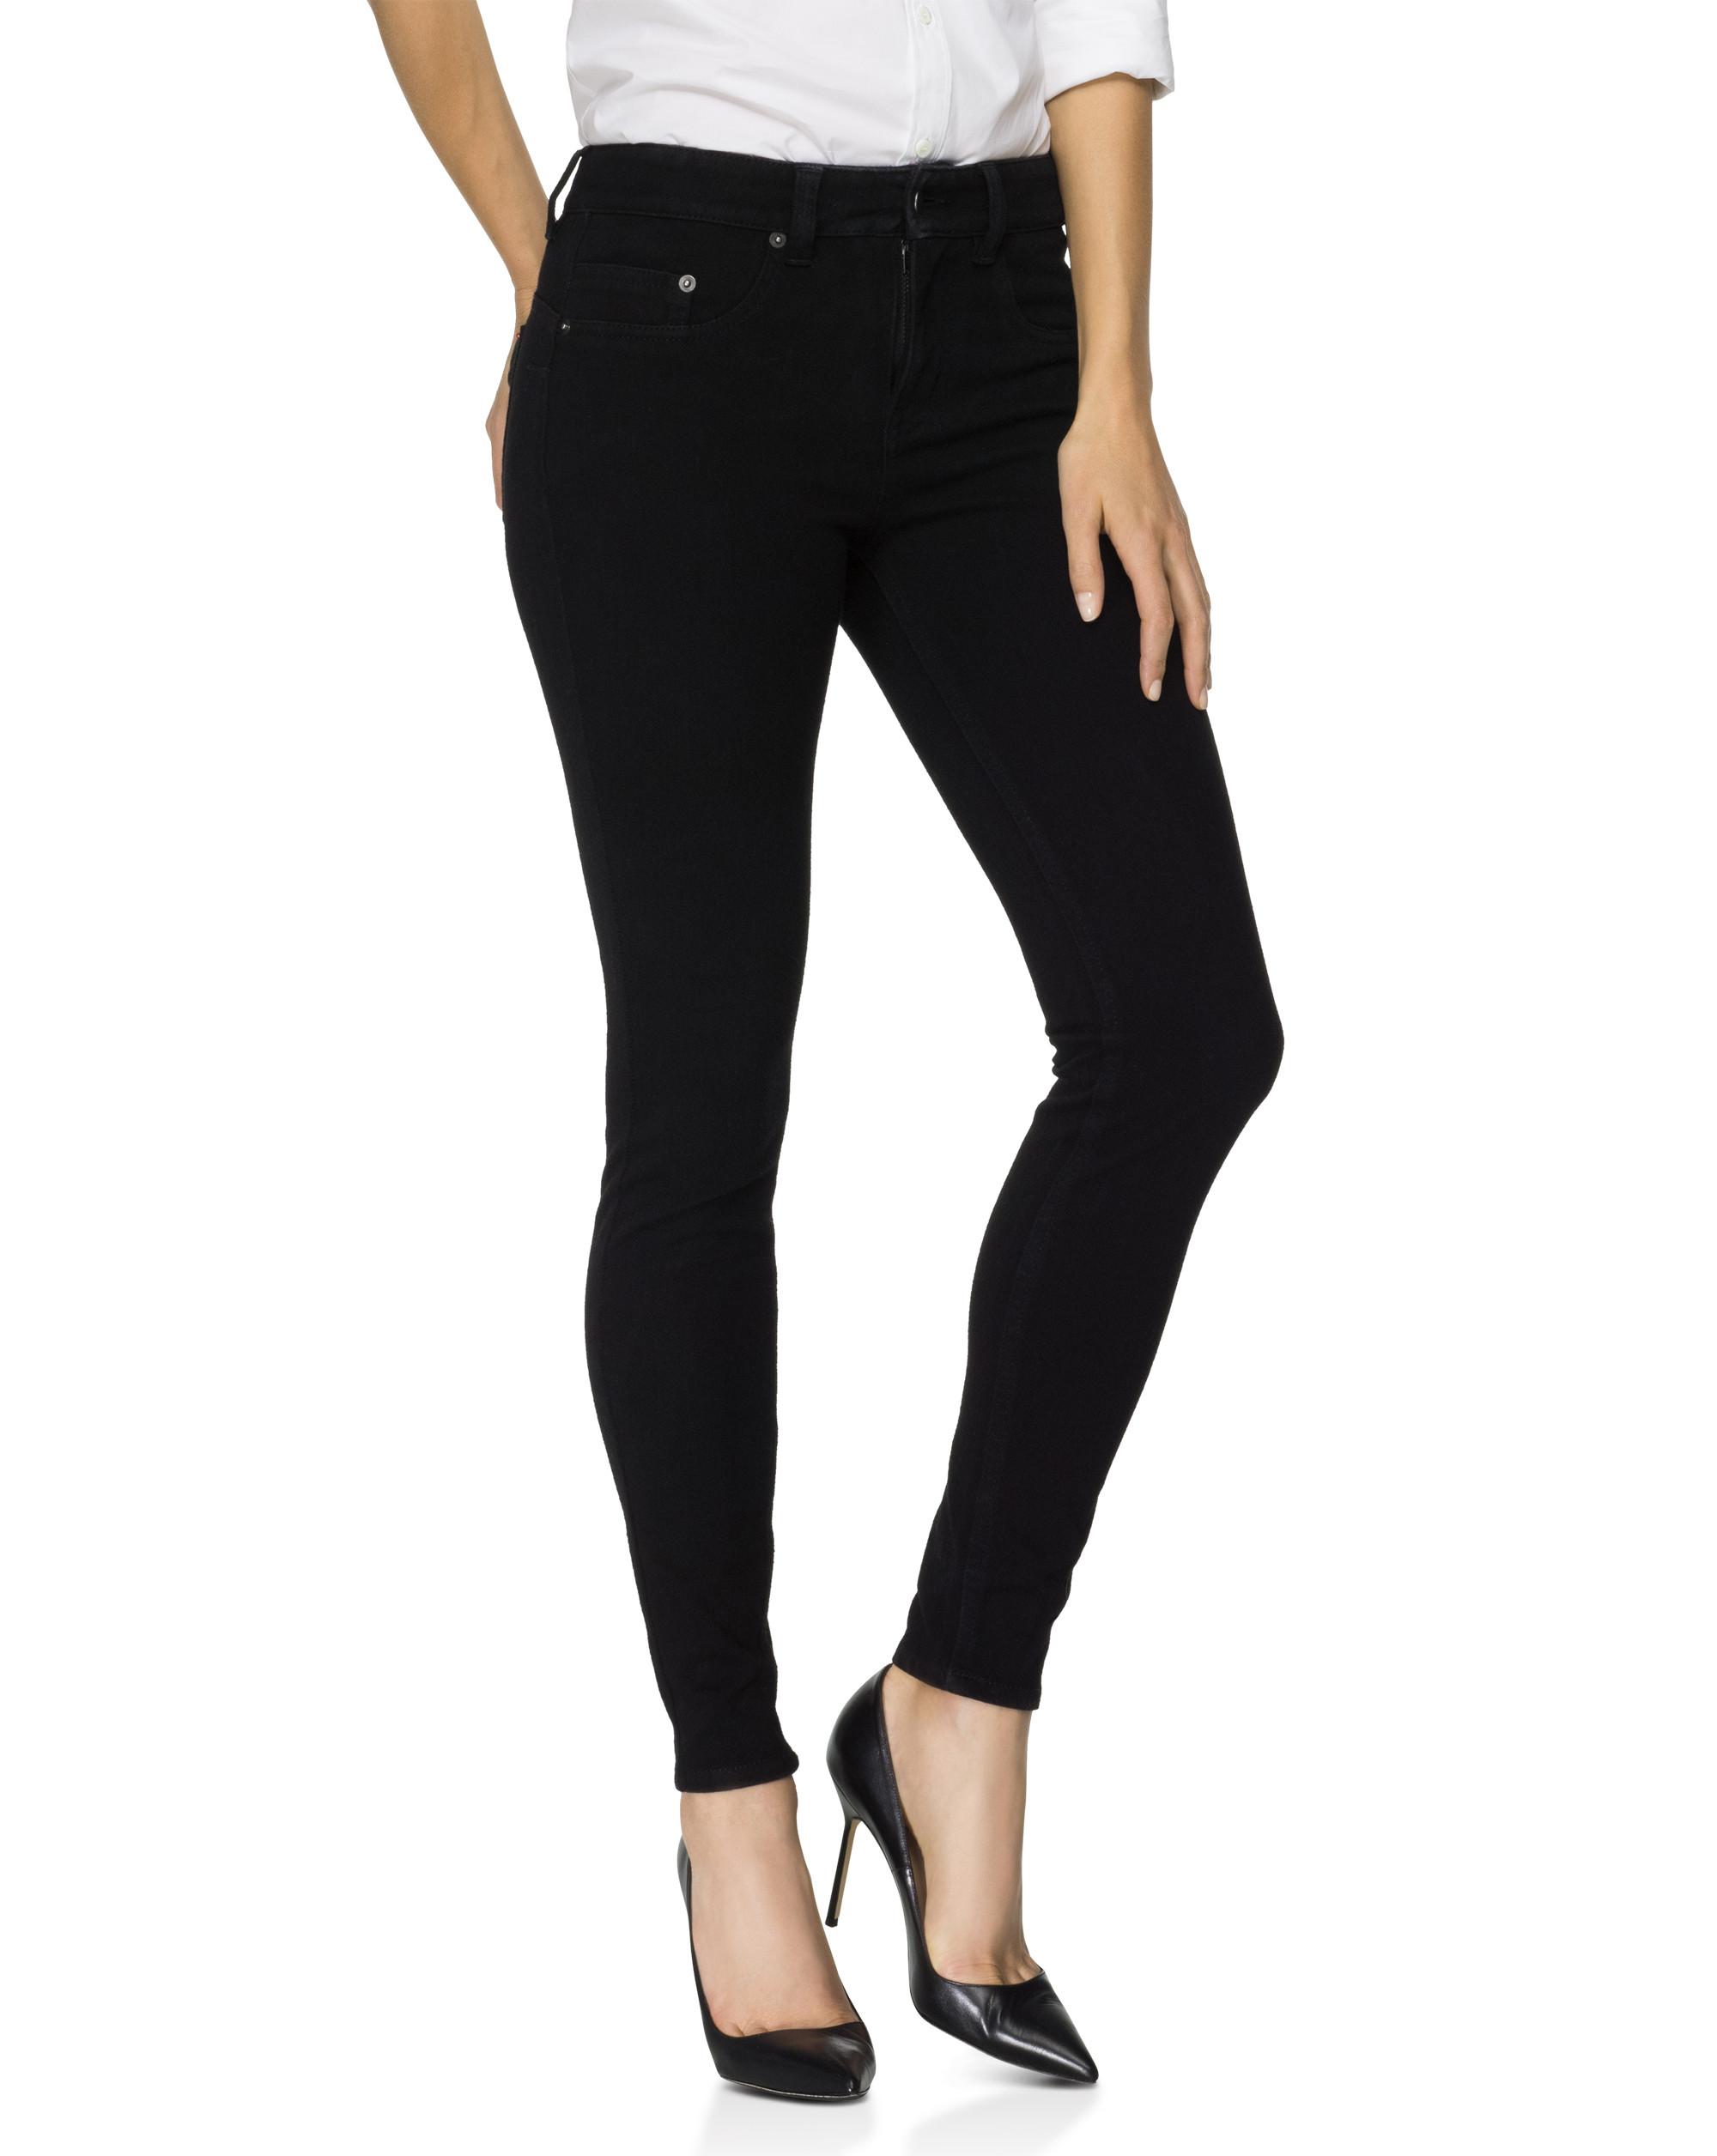 Levi's Plan To Save Blue Jeans: Make Them More Like Yoga Pants ...